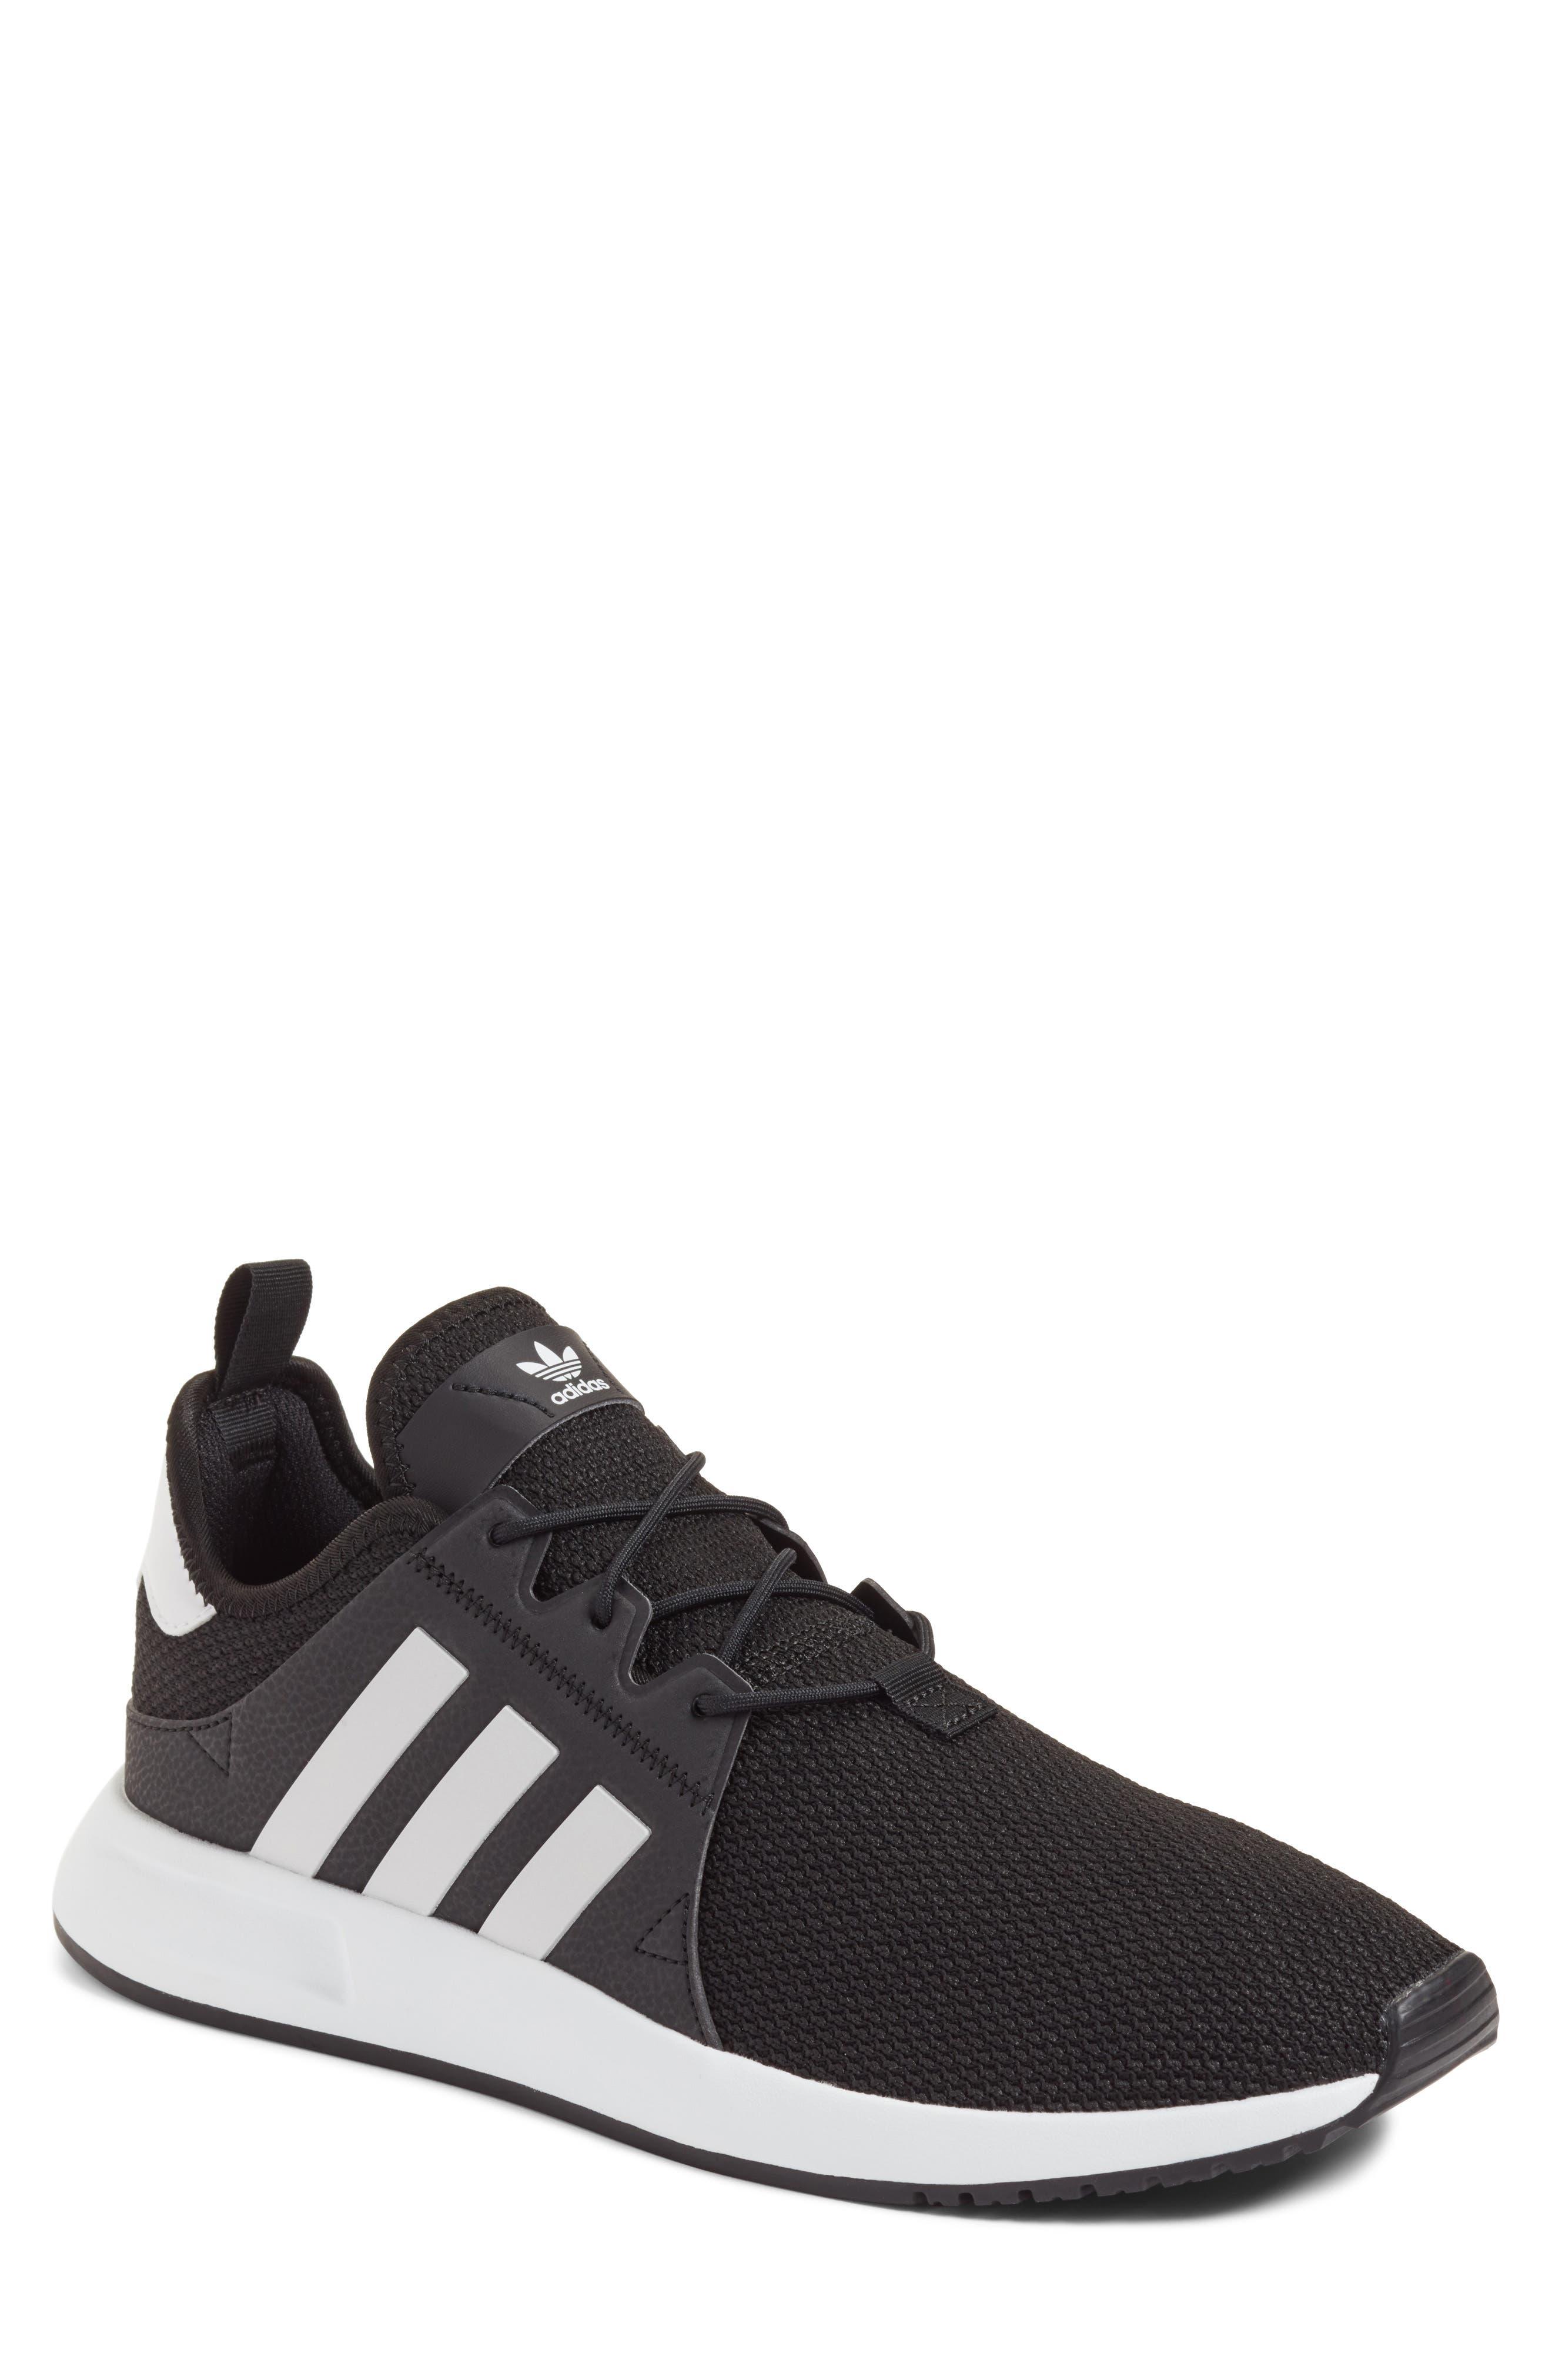 X_PLR Sneaker,                             Main thumbnail 1, color,                             BLACK/ WHITE/ BLACK